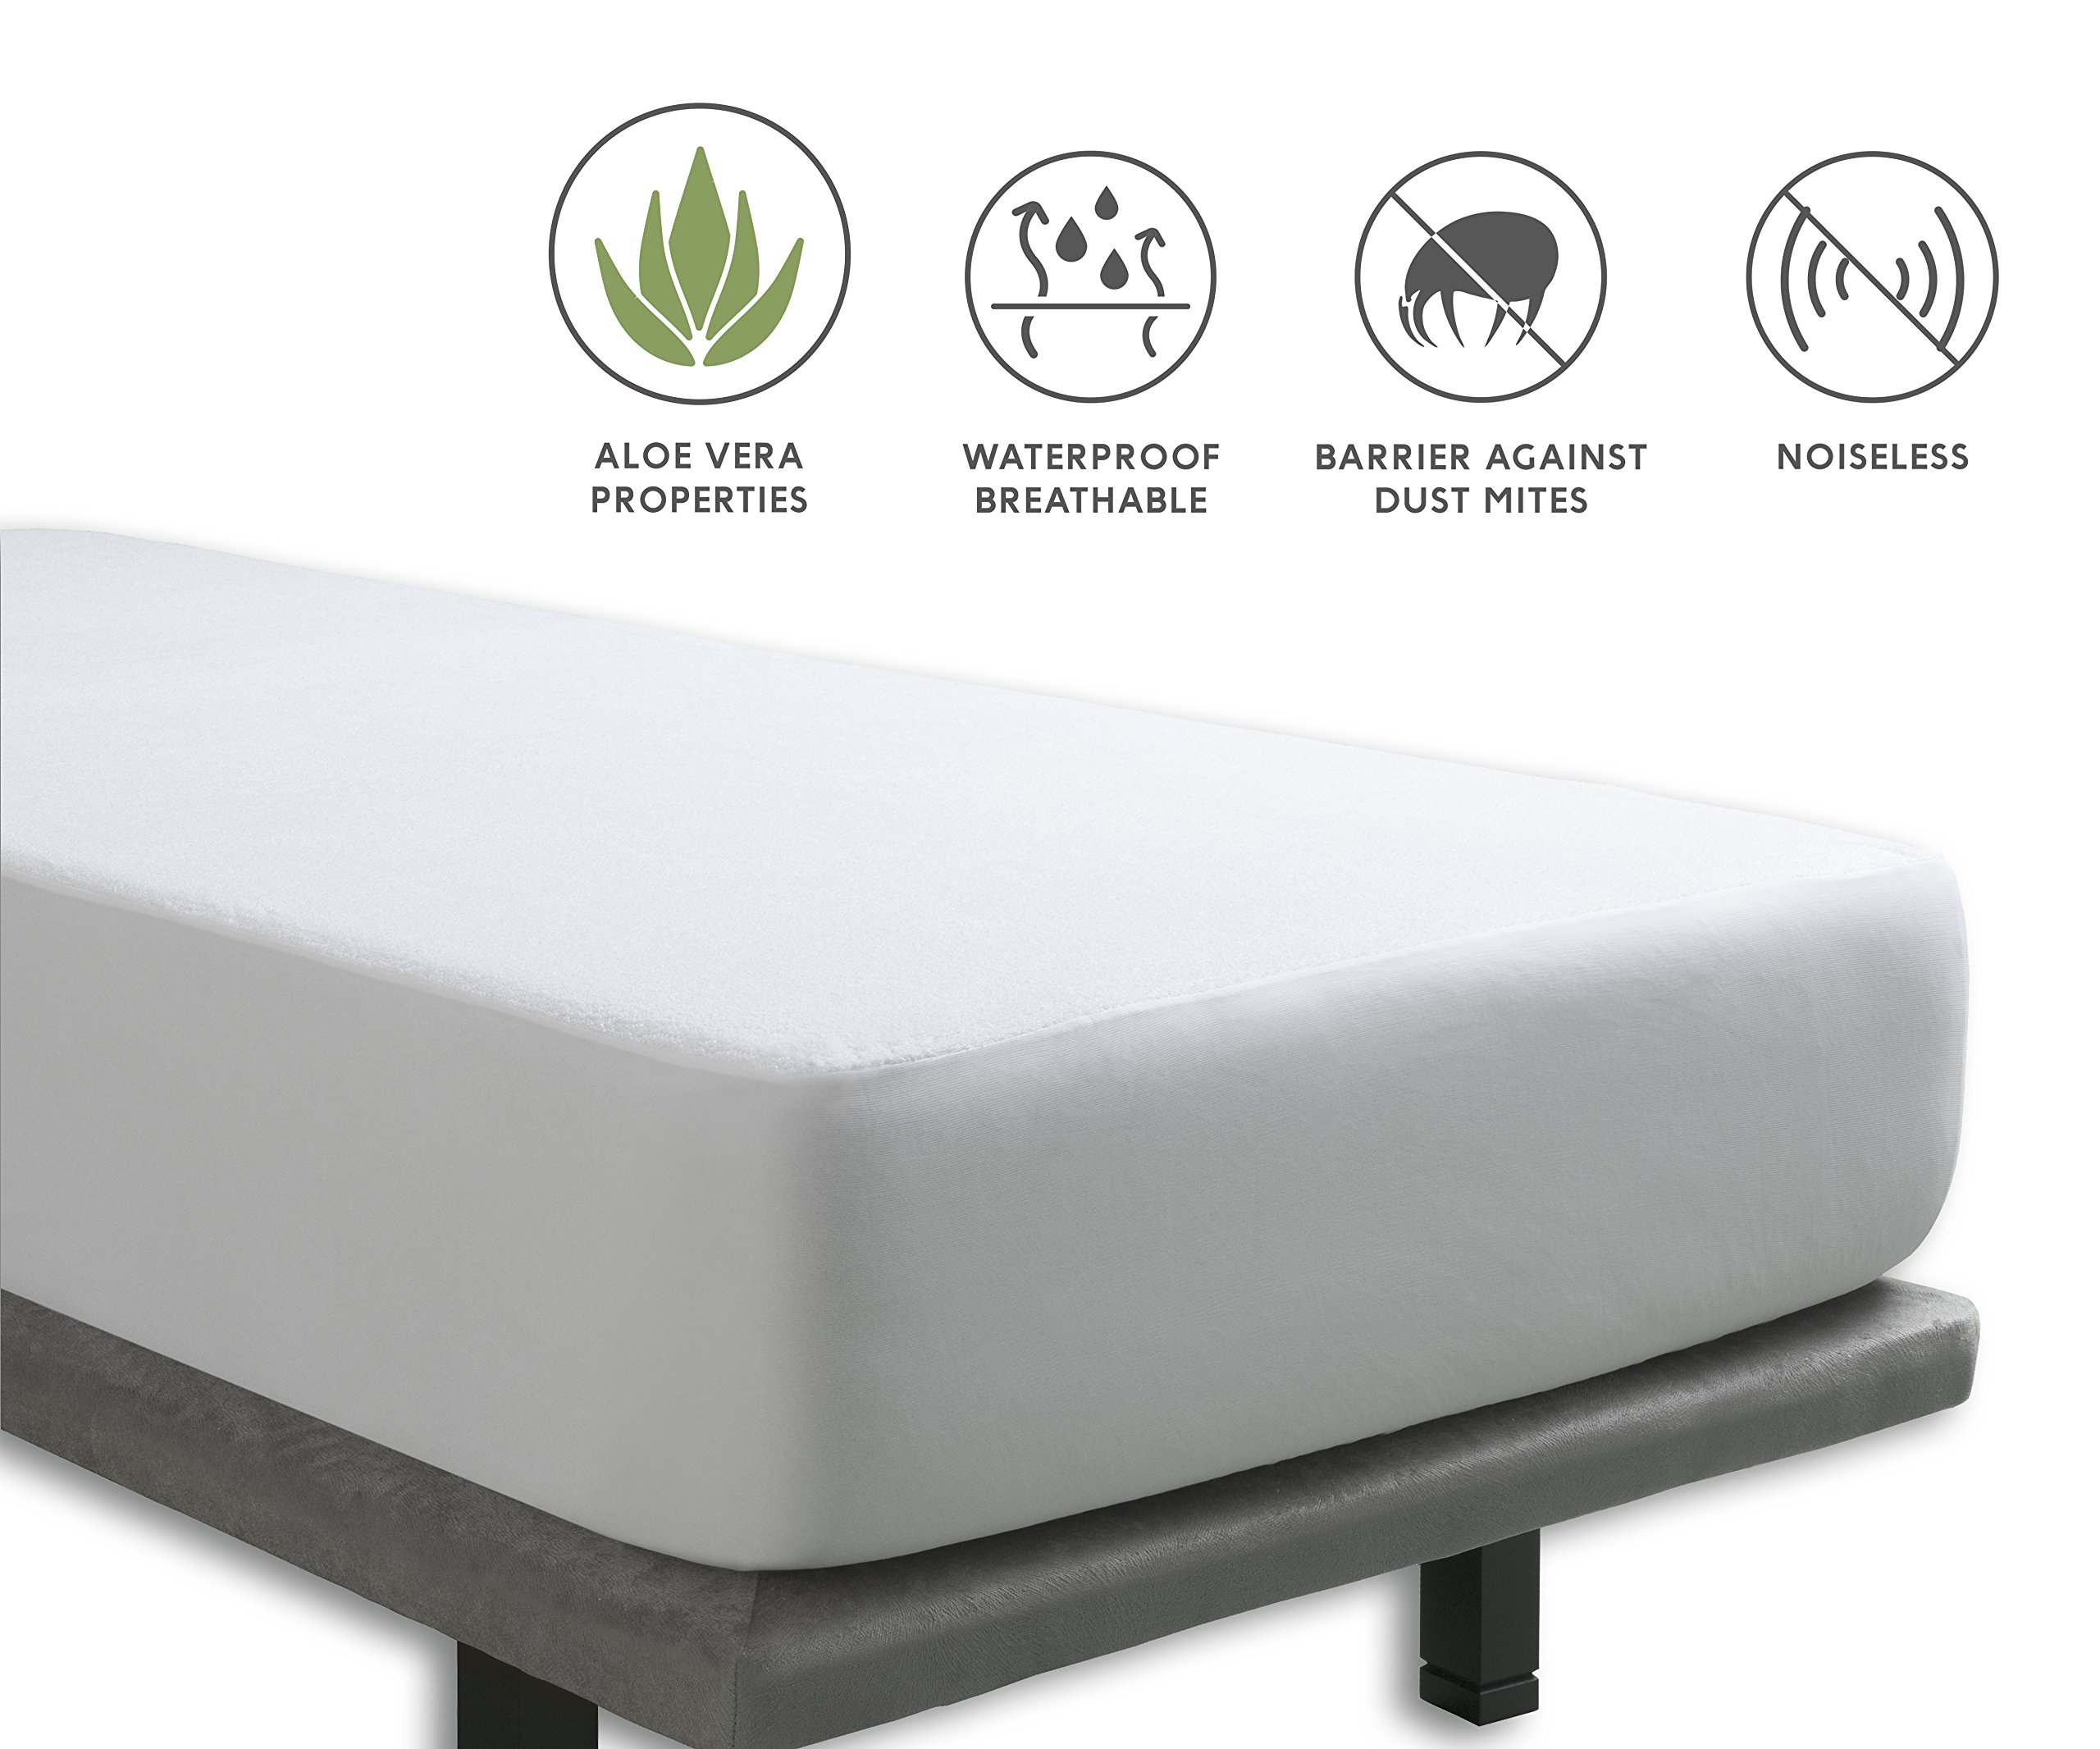 Tural – Protector de colchón Impermeable. Cubre colchon con Tratamiento Aloe Vera. Cubrecolchón para